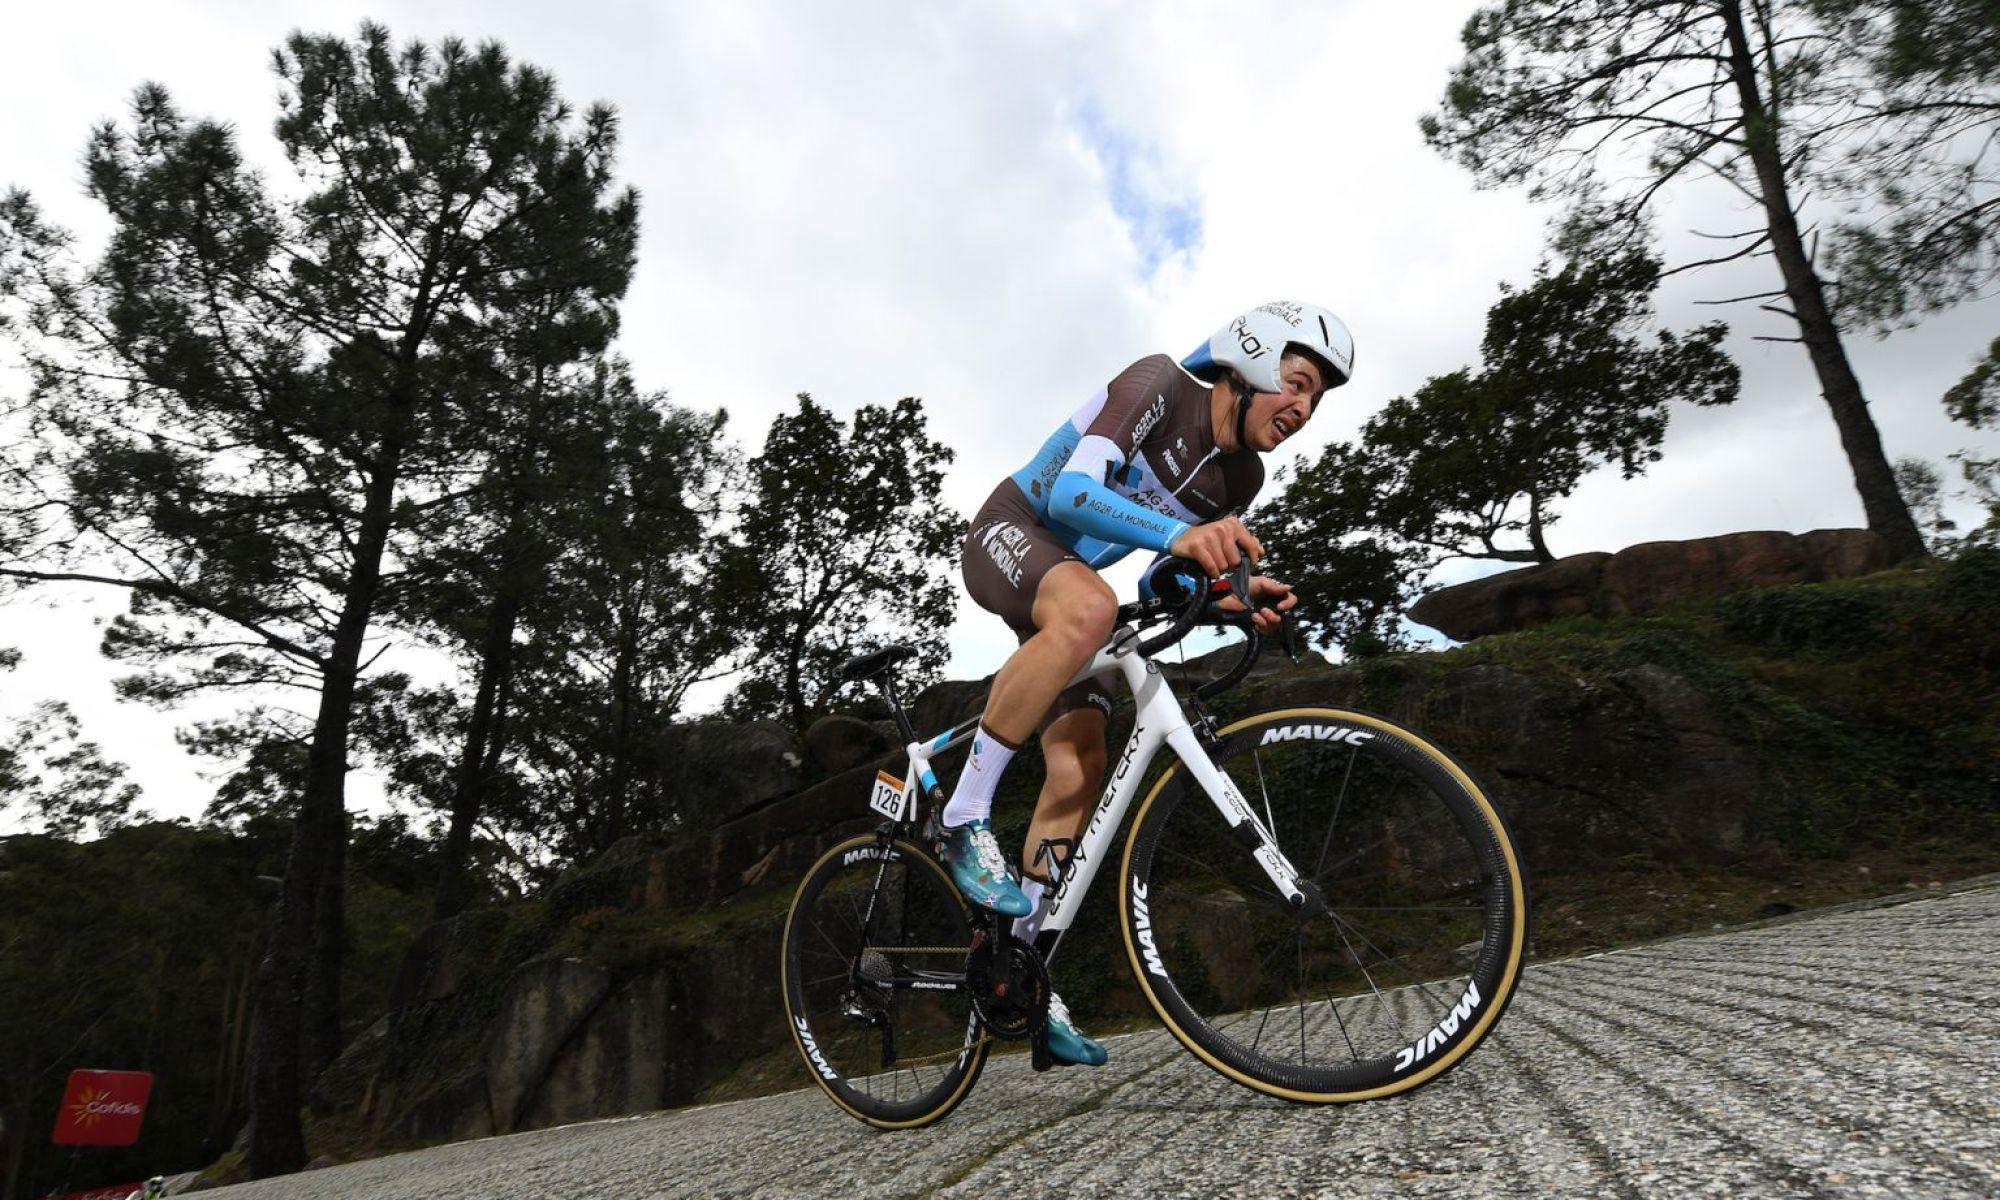 Vuelta a España 2020 ratings: how did each team perform?